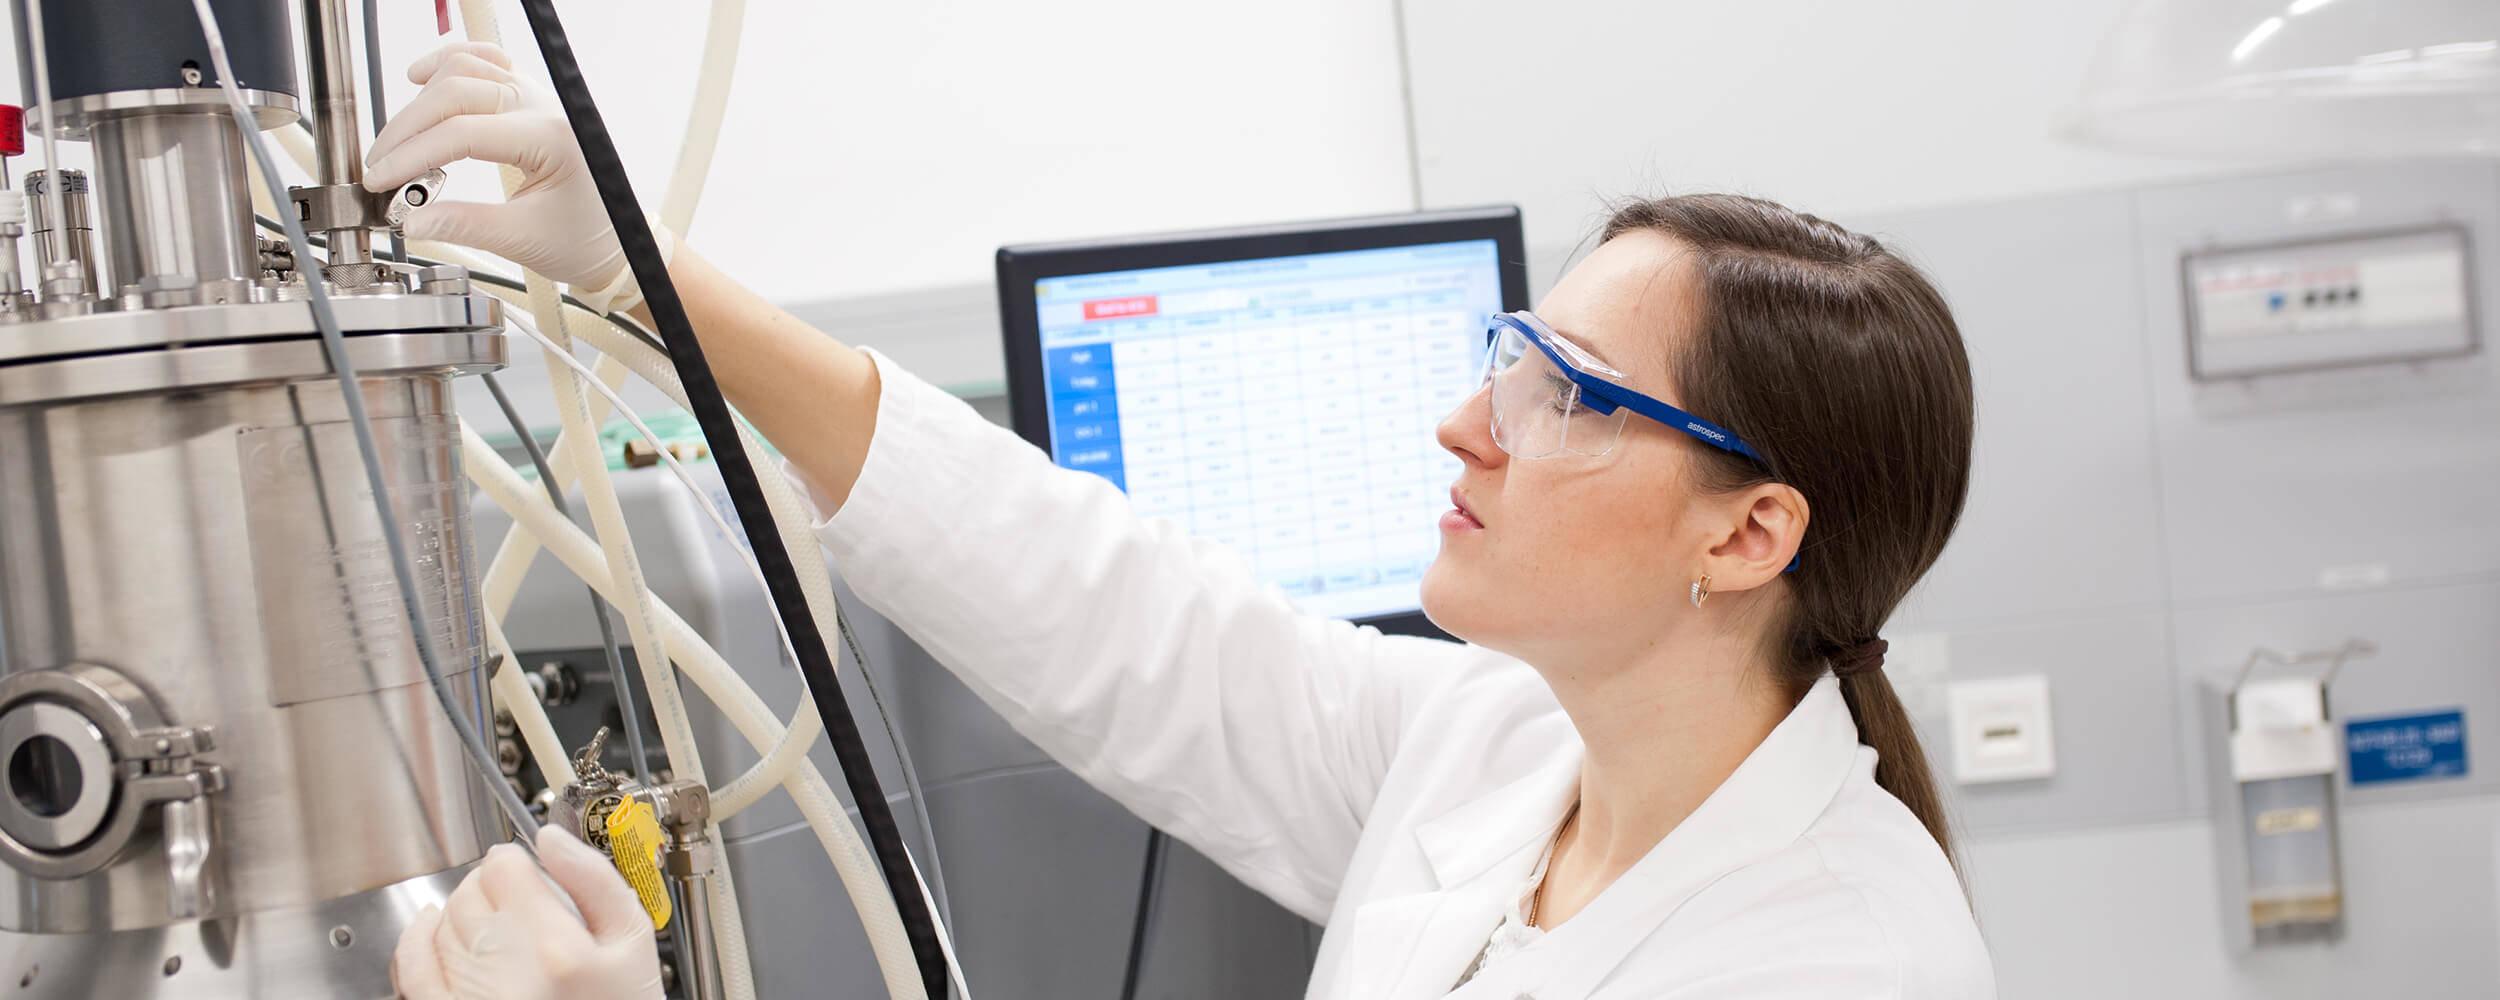 Eine Naturwissenschaftlerin benutzt ein Gerät im Labor